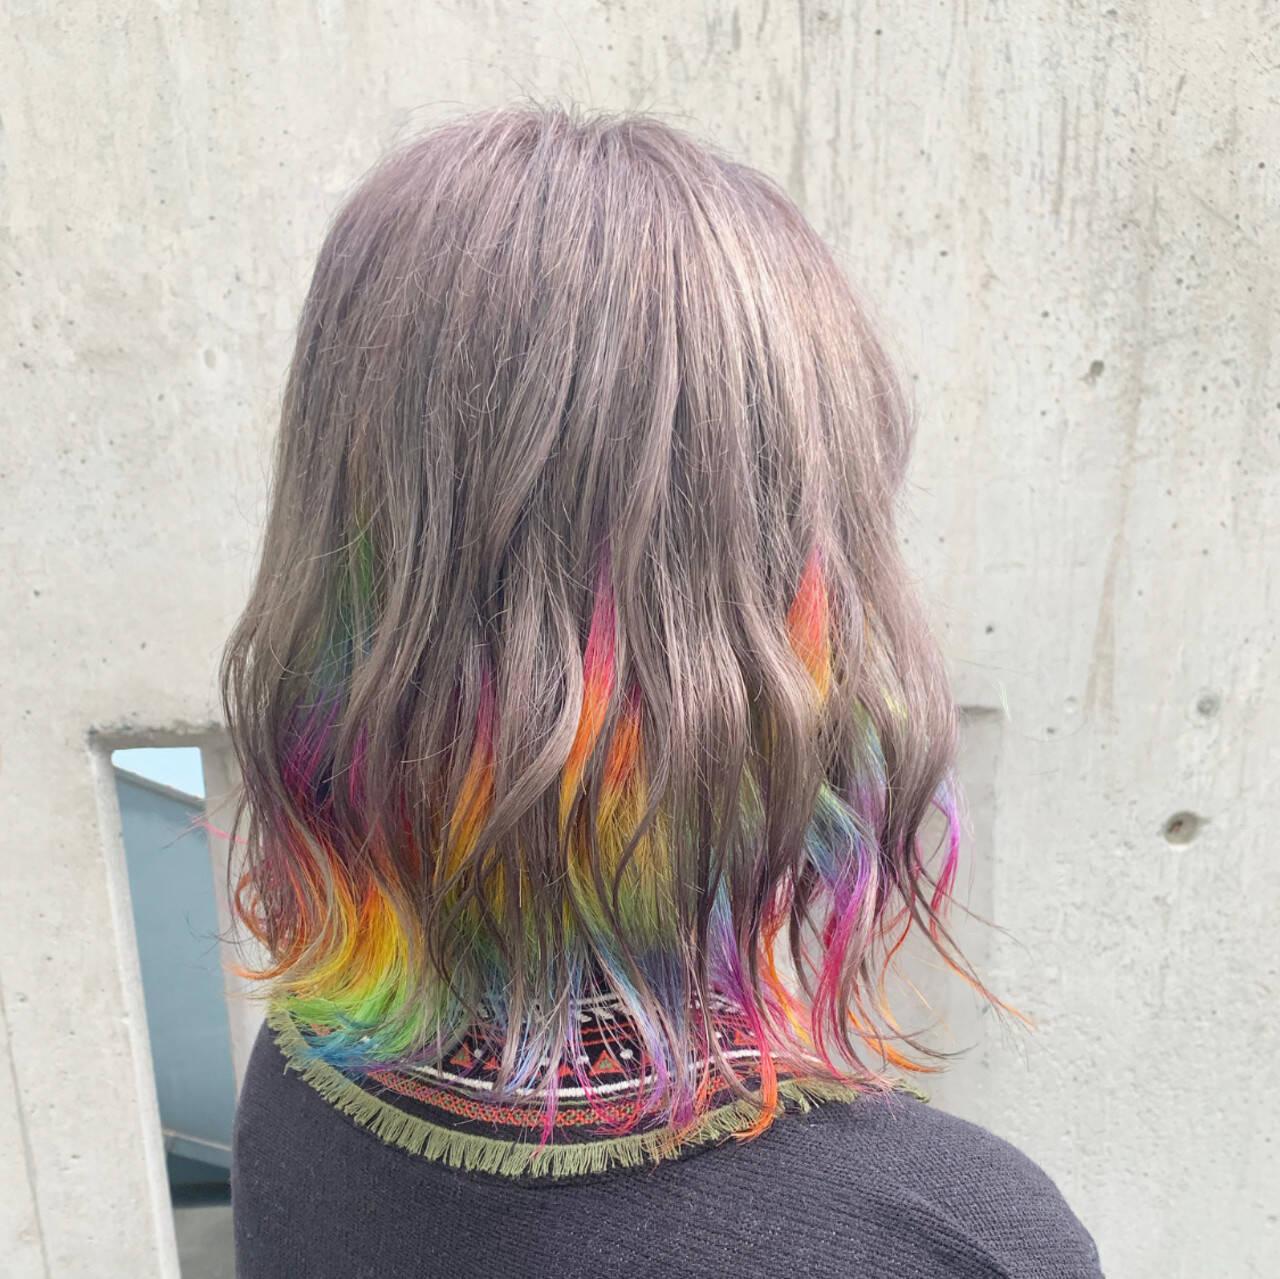 ボブ ユニコーンカラー ストリート インナーカラーヘアスタイルや髪型の写真・画像